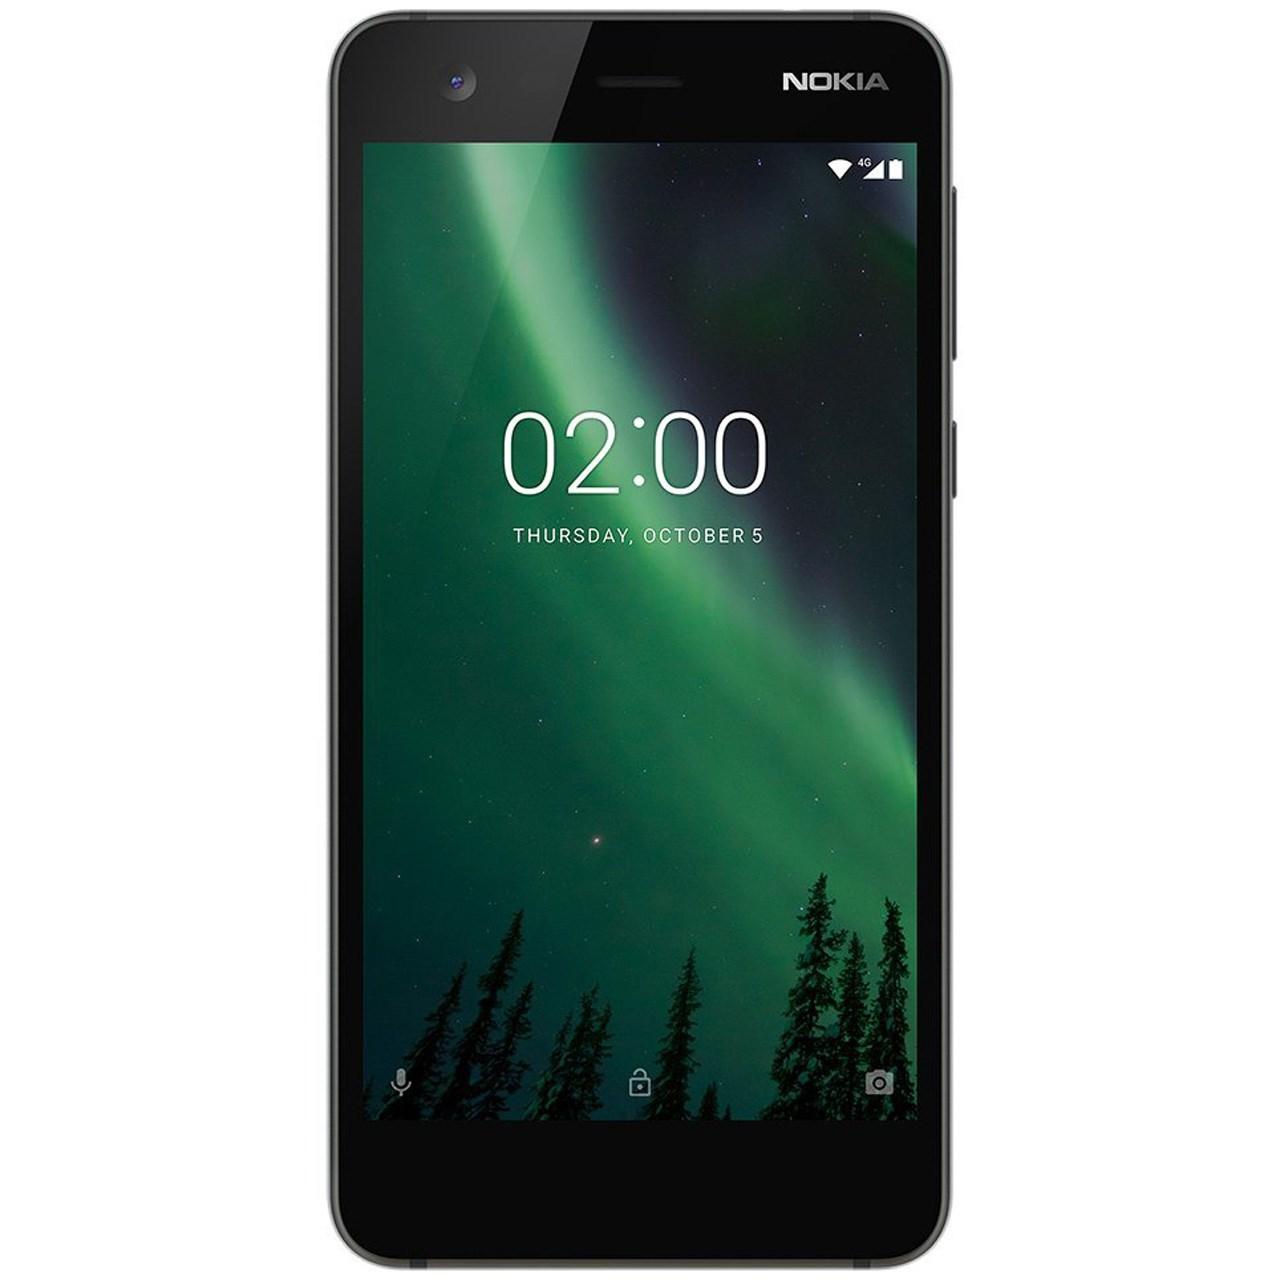 گوشی موبایل نوکیا مدل 2 دو سیم کارت - با قیمت ویژه